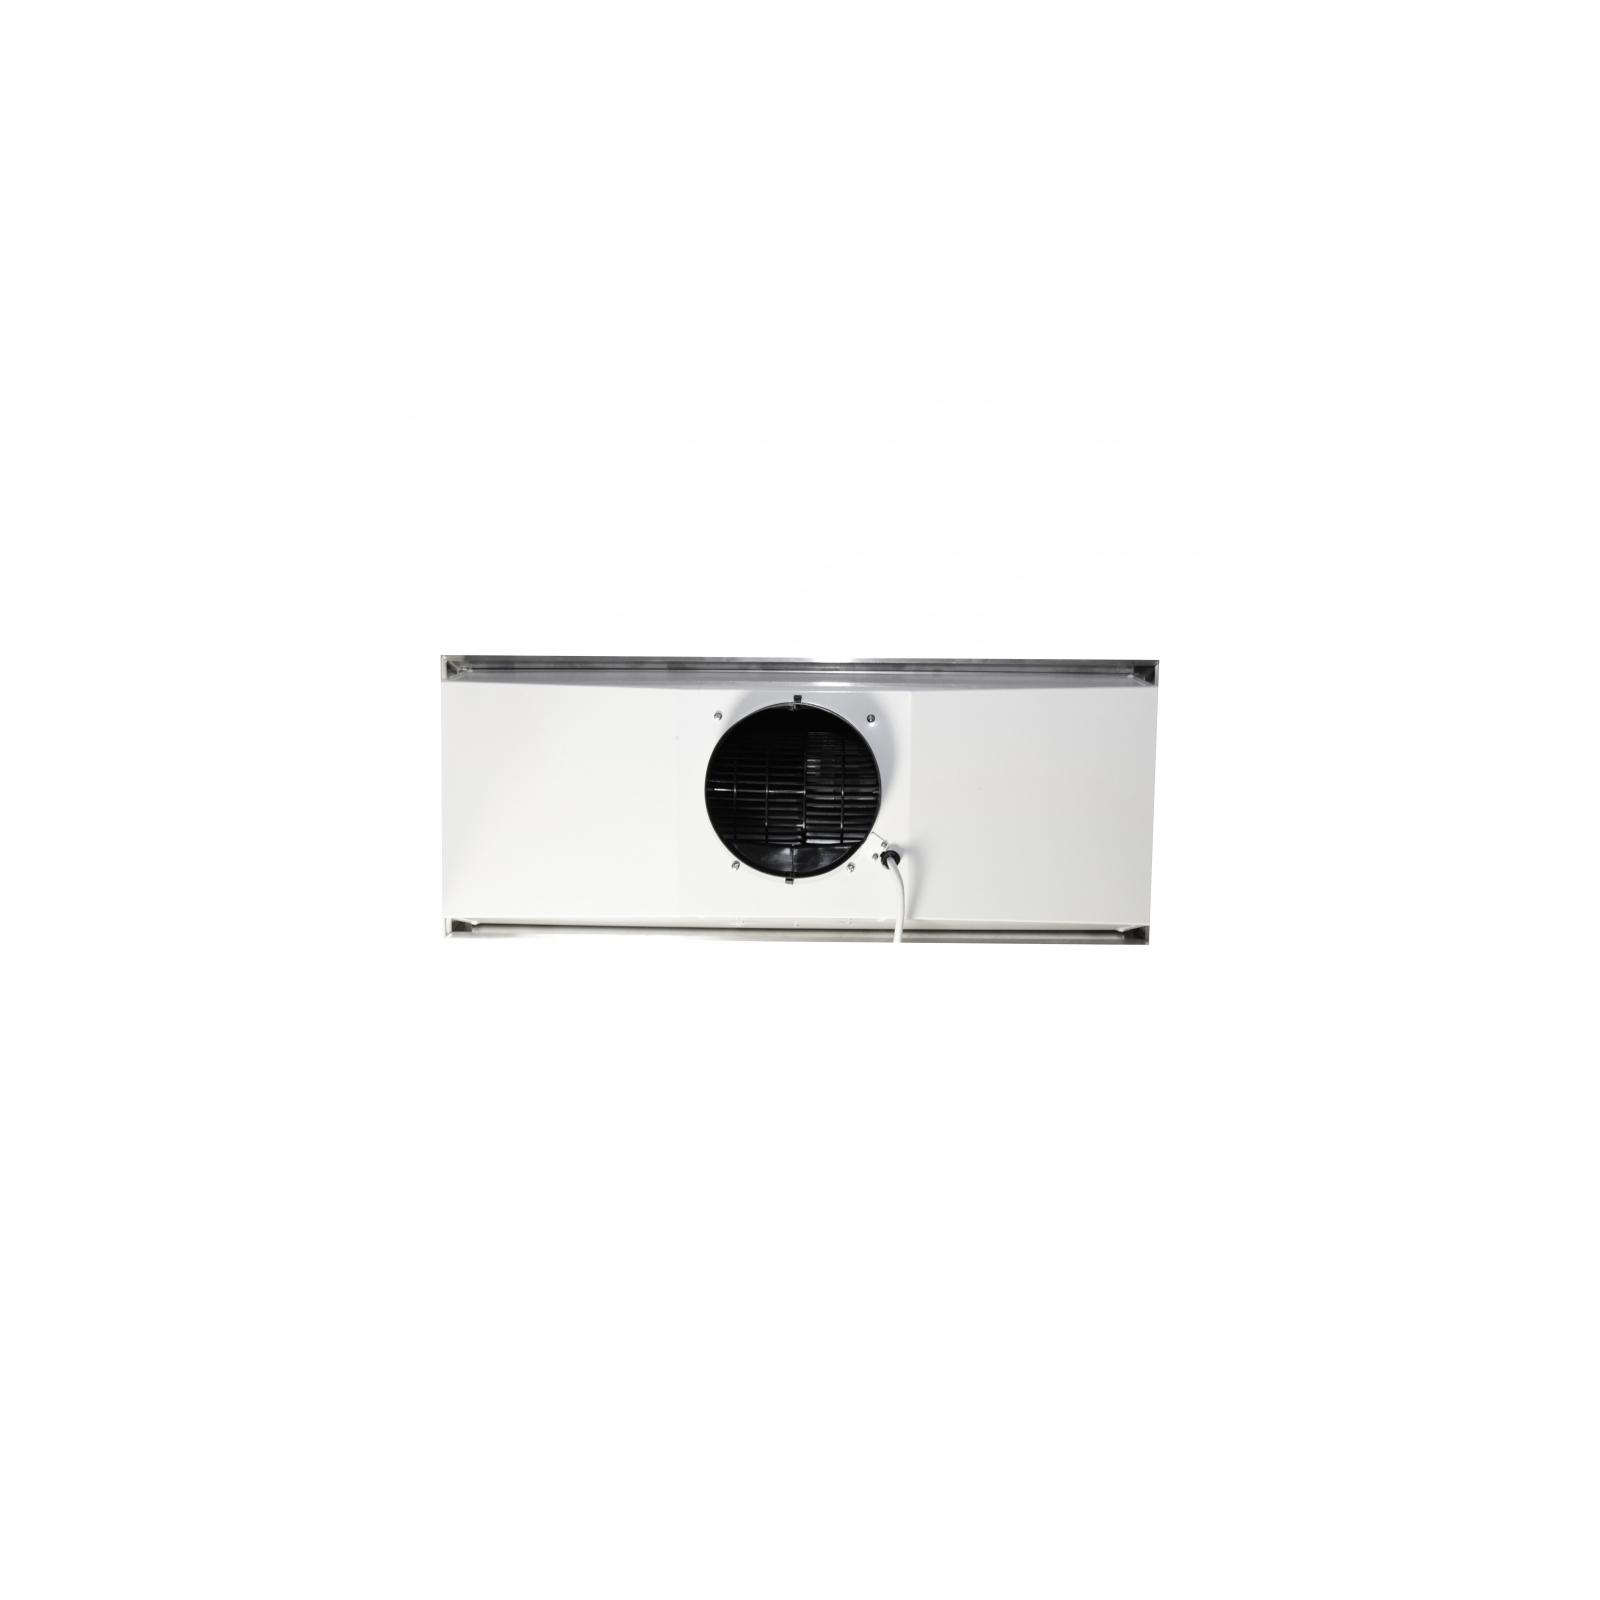 Вытяжка кухонная ELEYUS Modul 960 70 IS изображение 3